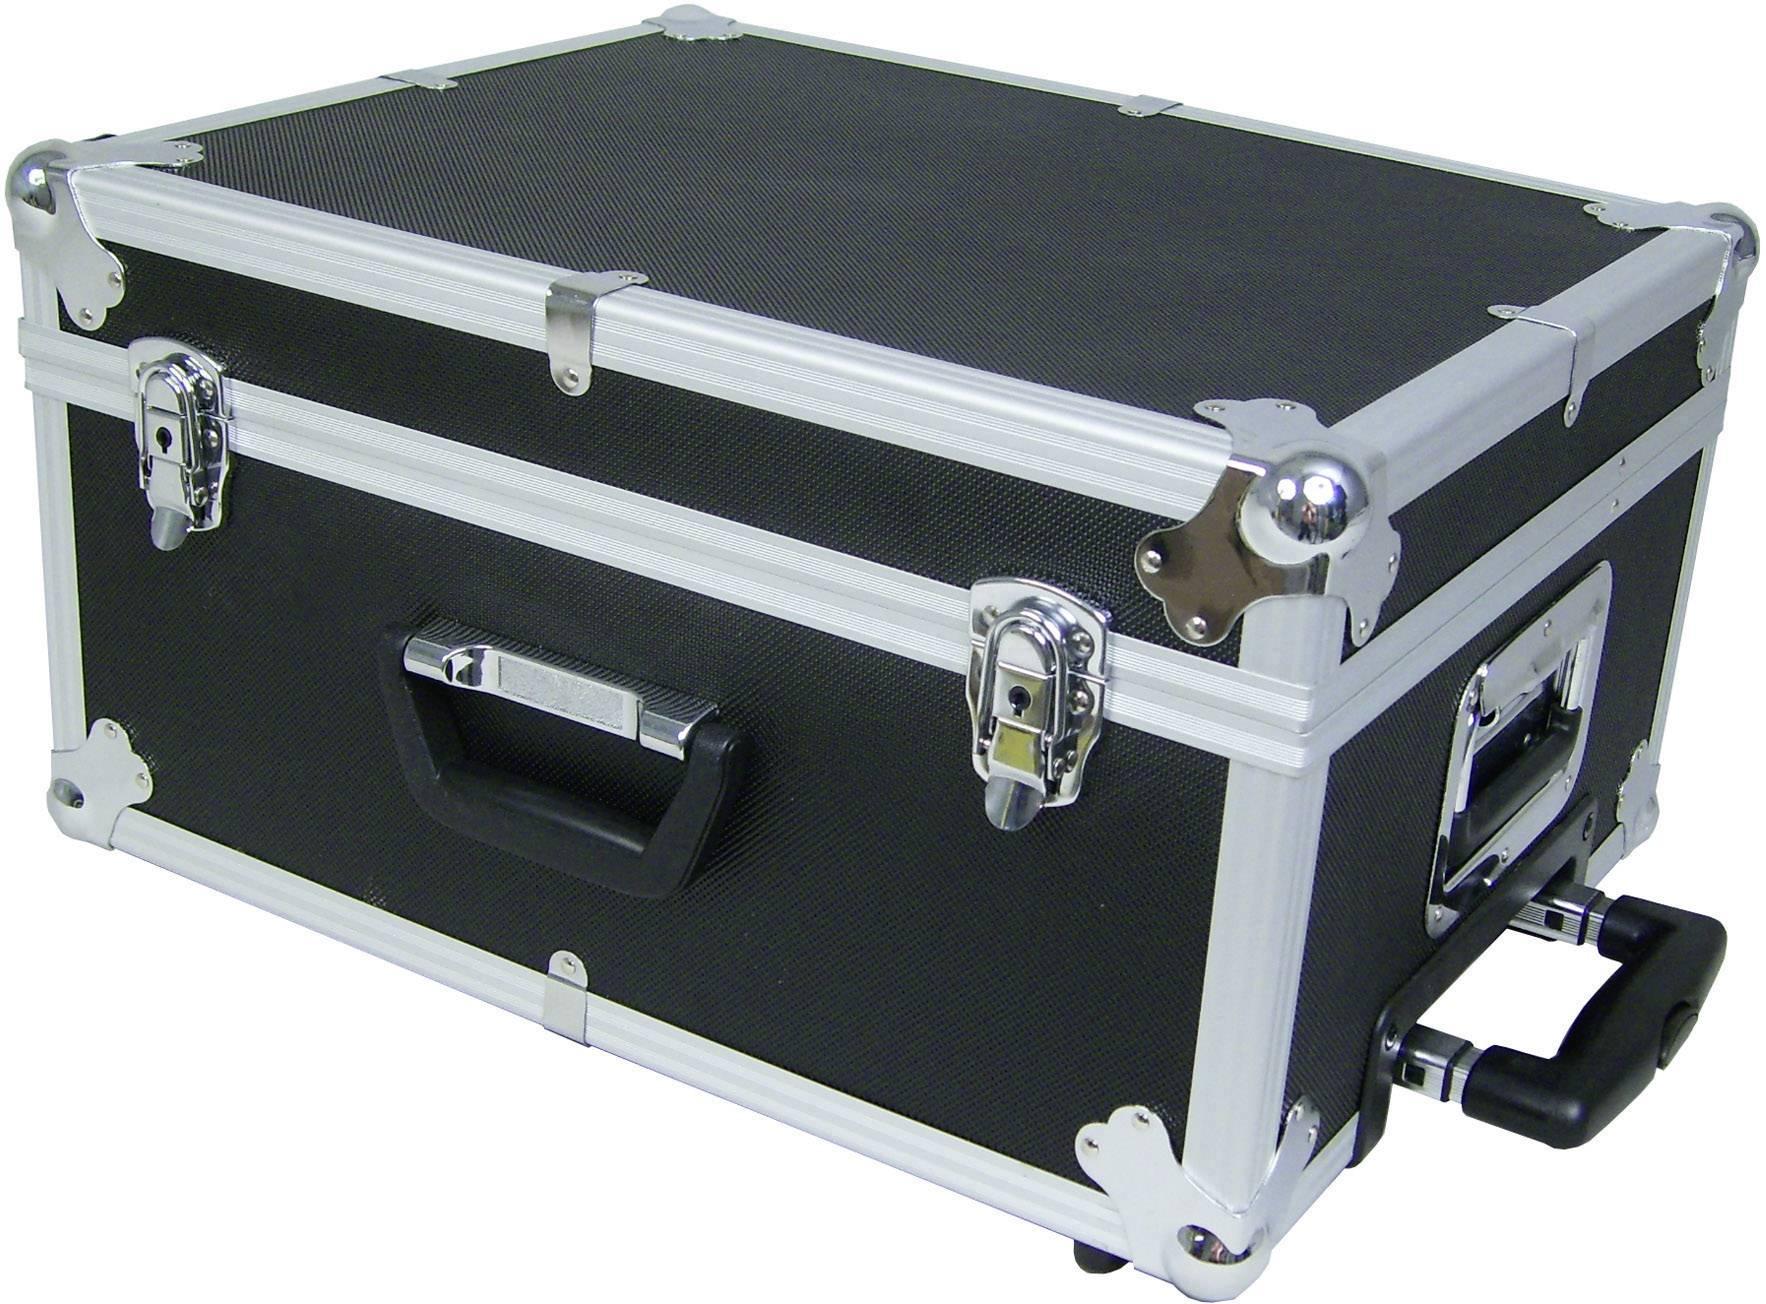 Transportní kufr VISO MALLEWM, (d x š x v) 500 x 400 x 260 mm